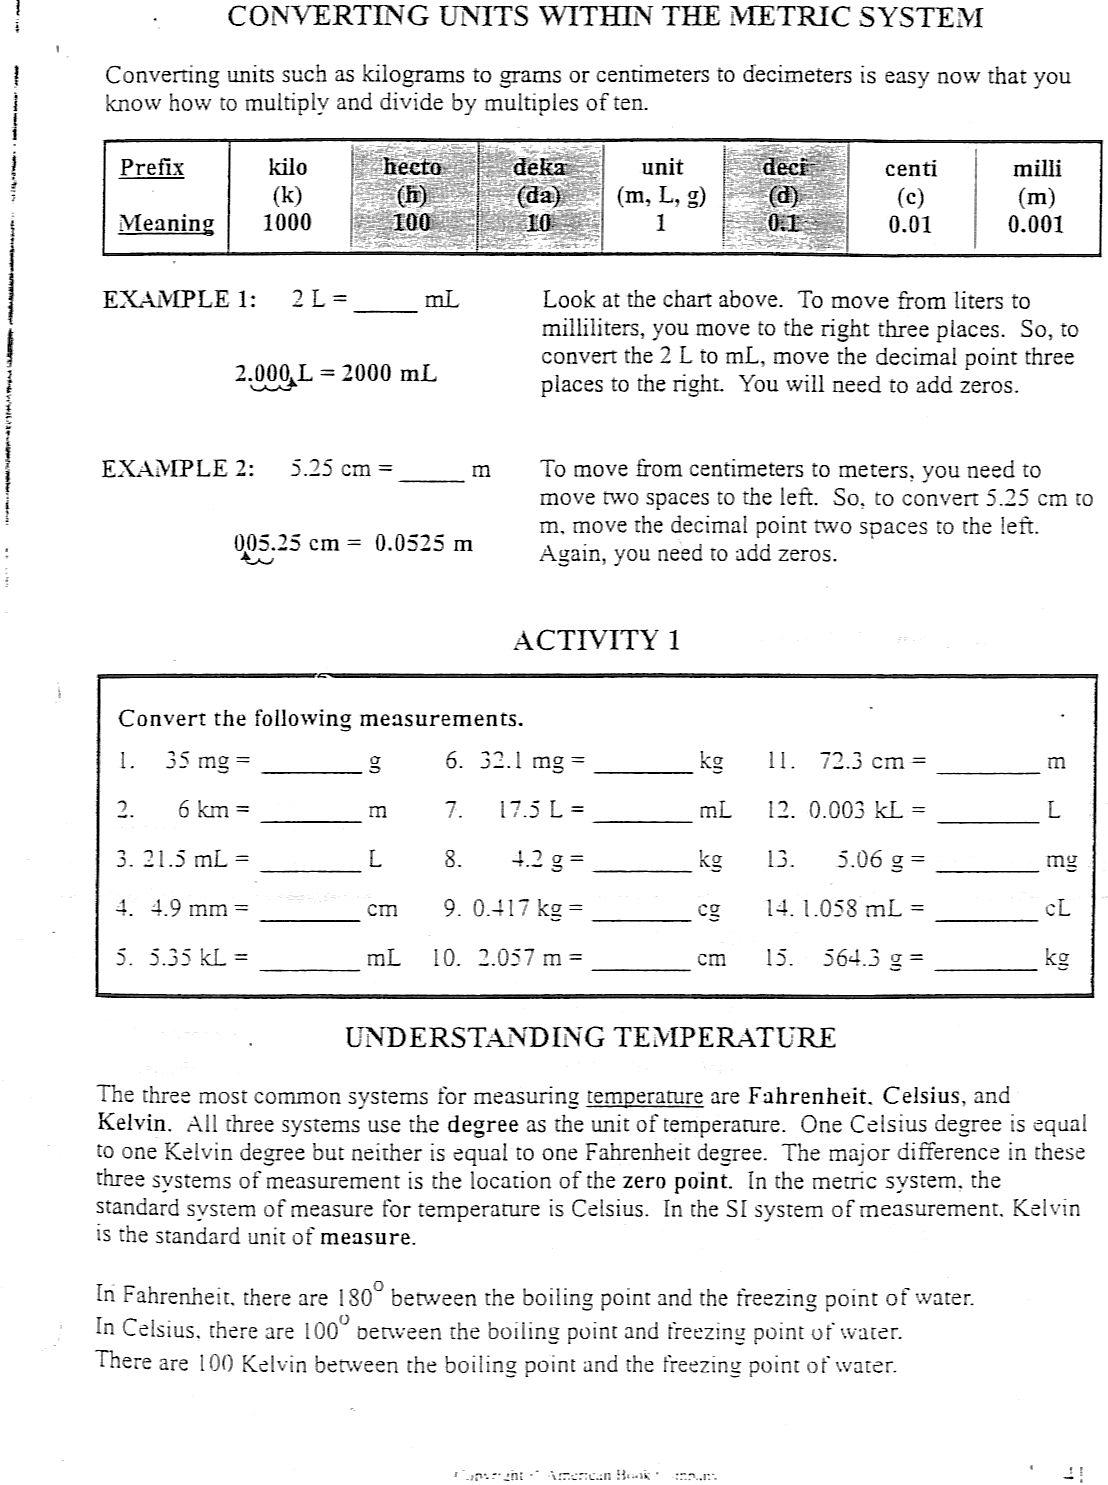 Metric English Conversion Worksheet